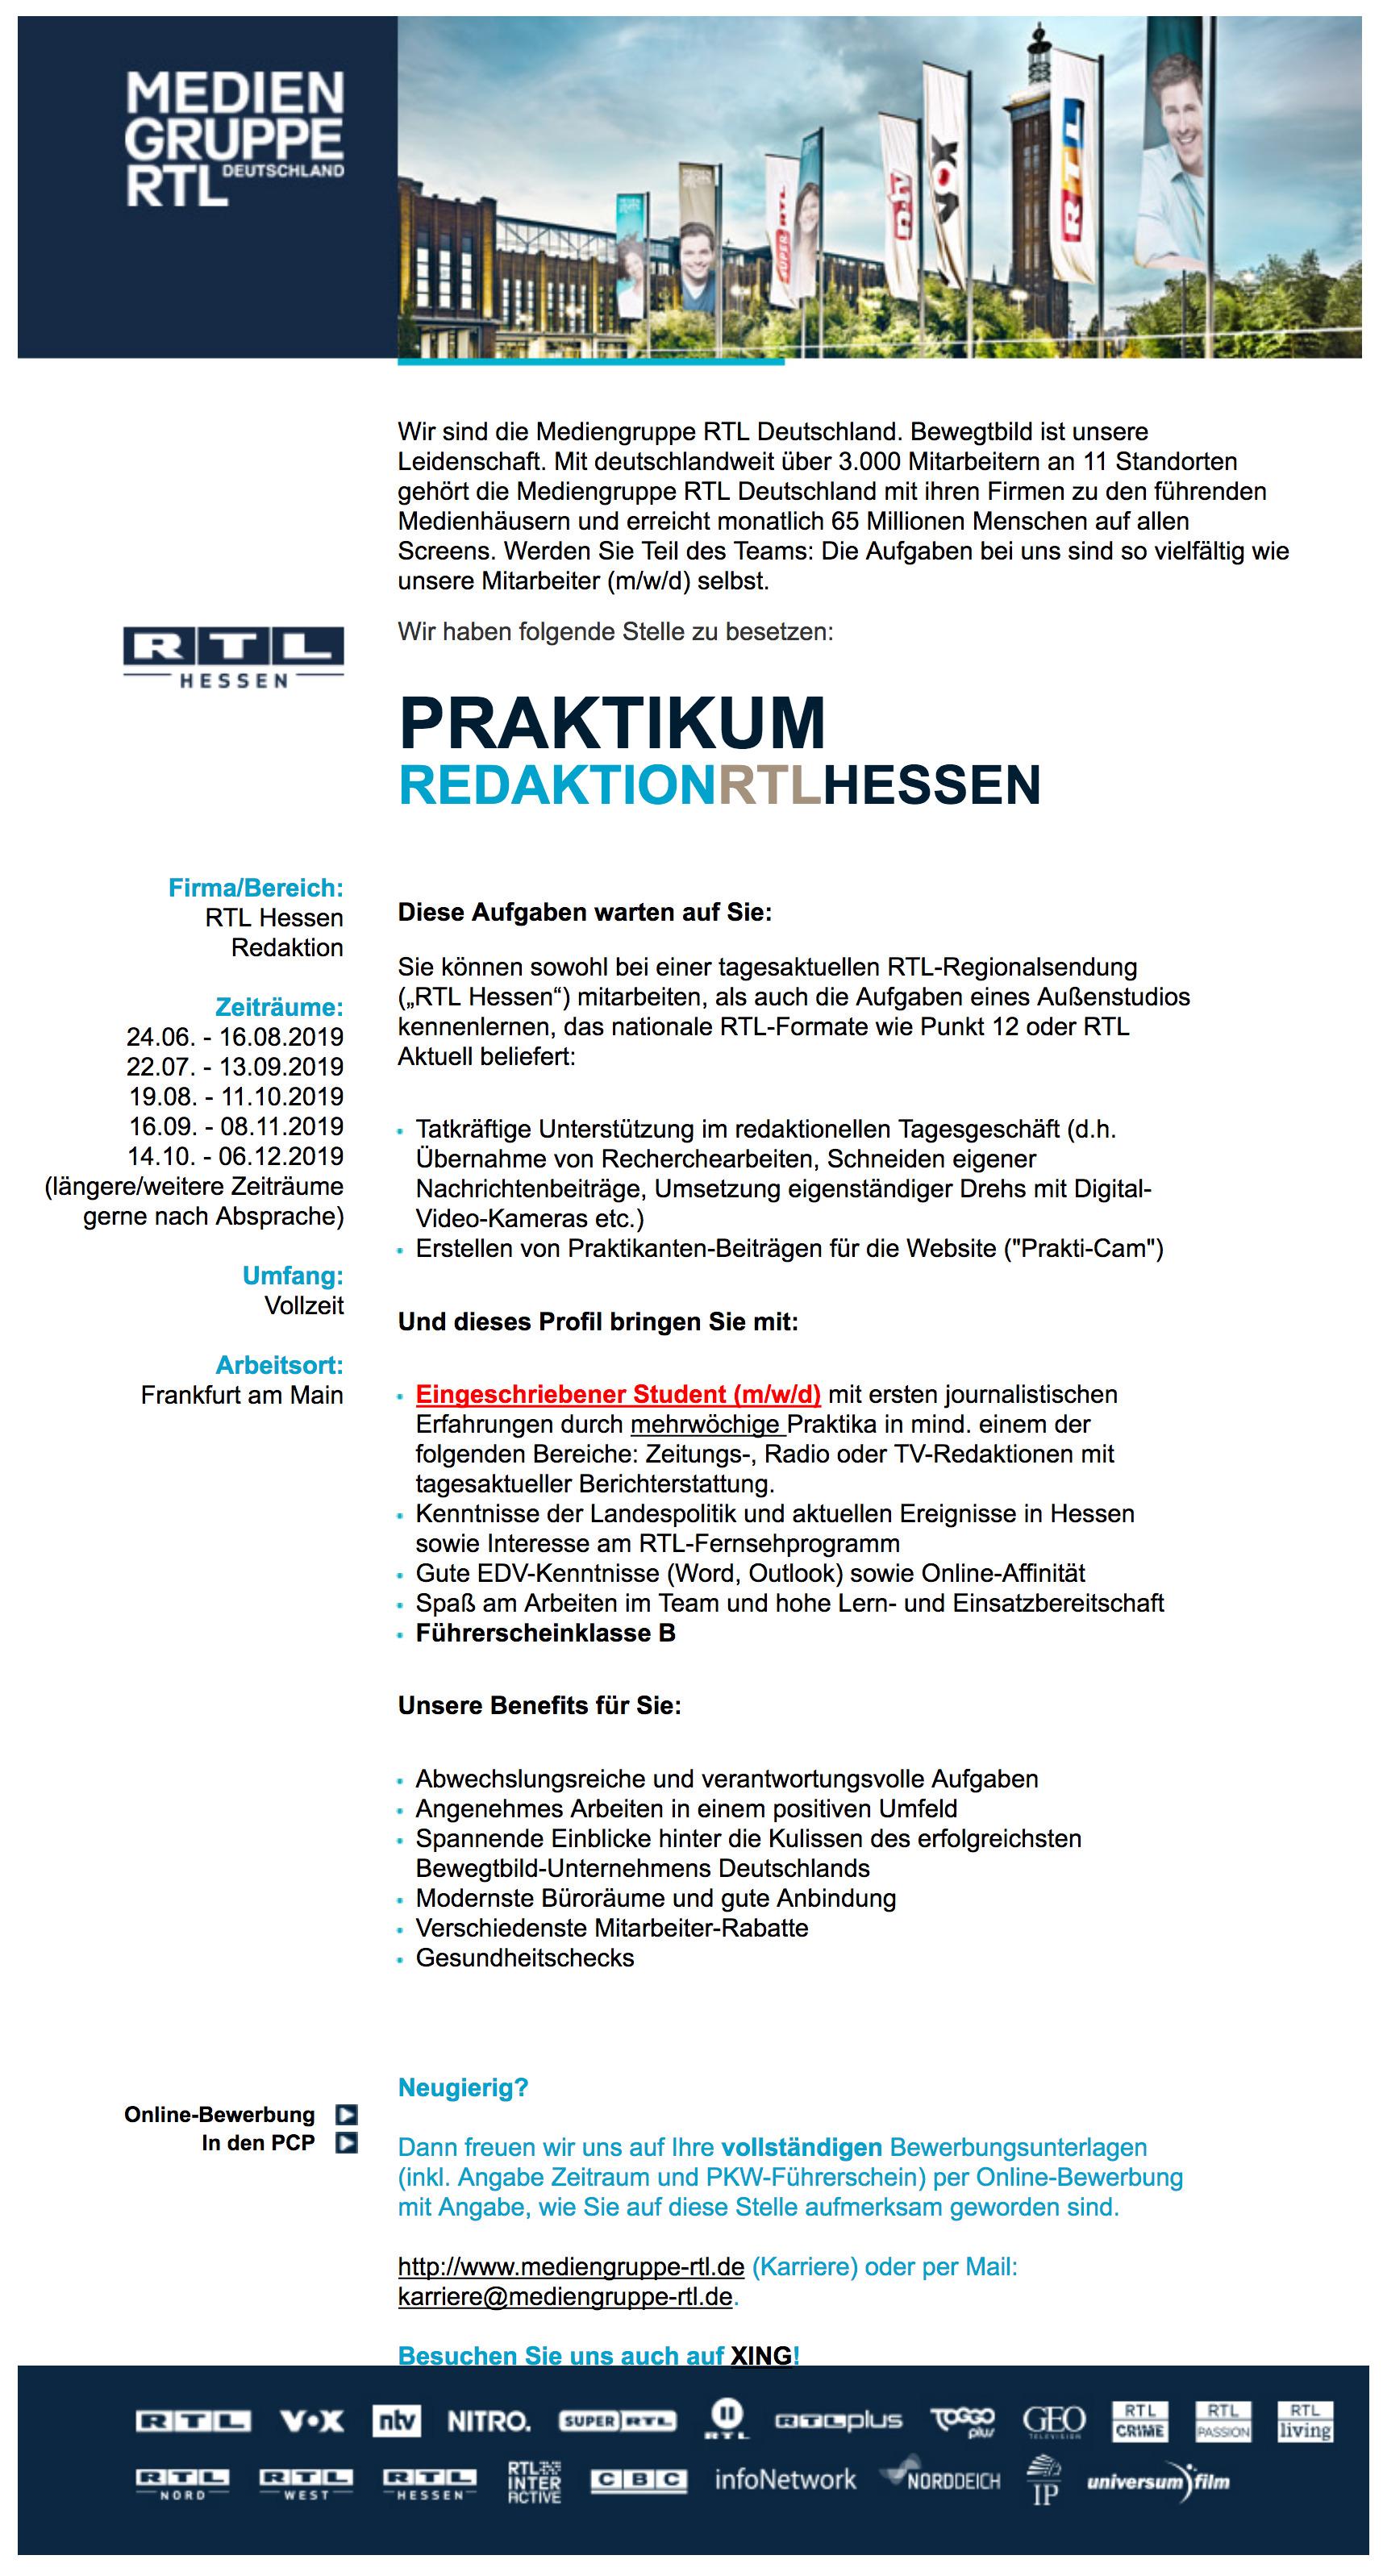 Mediengruppe Rtl Deutschland Frankfurt Am Main Bietet Praktikum